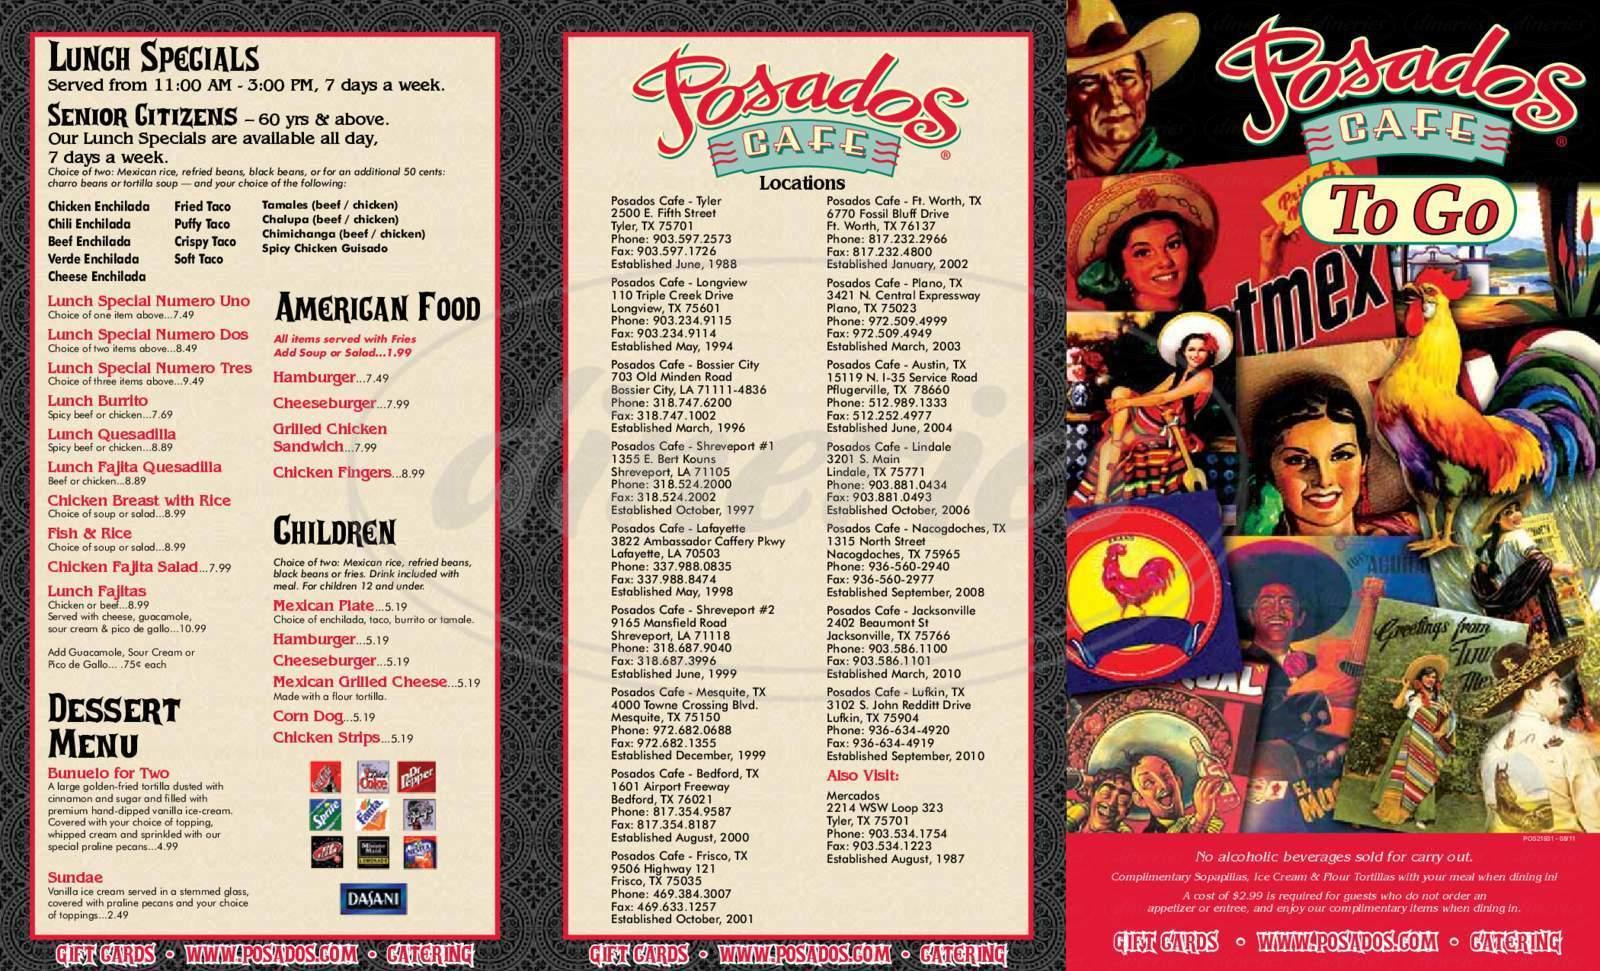 menu for Posados Cafe